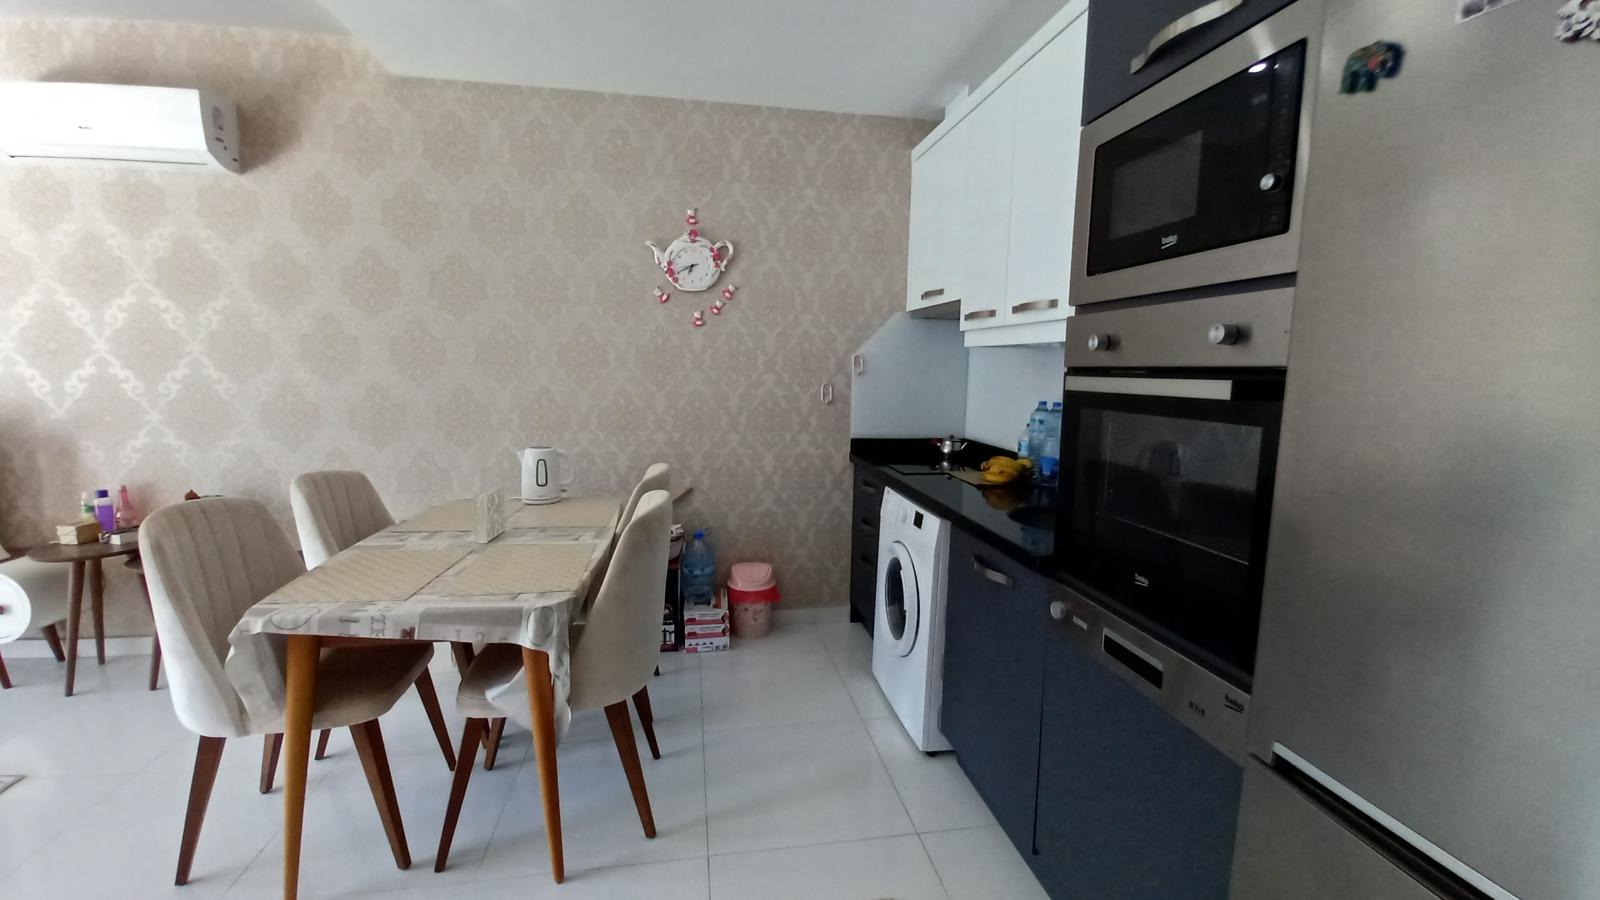 Двухкомнатная квартира в комплексе с шикарной инфраструктурой - Фото 35